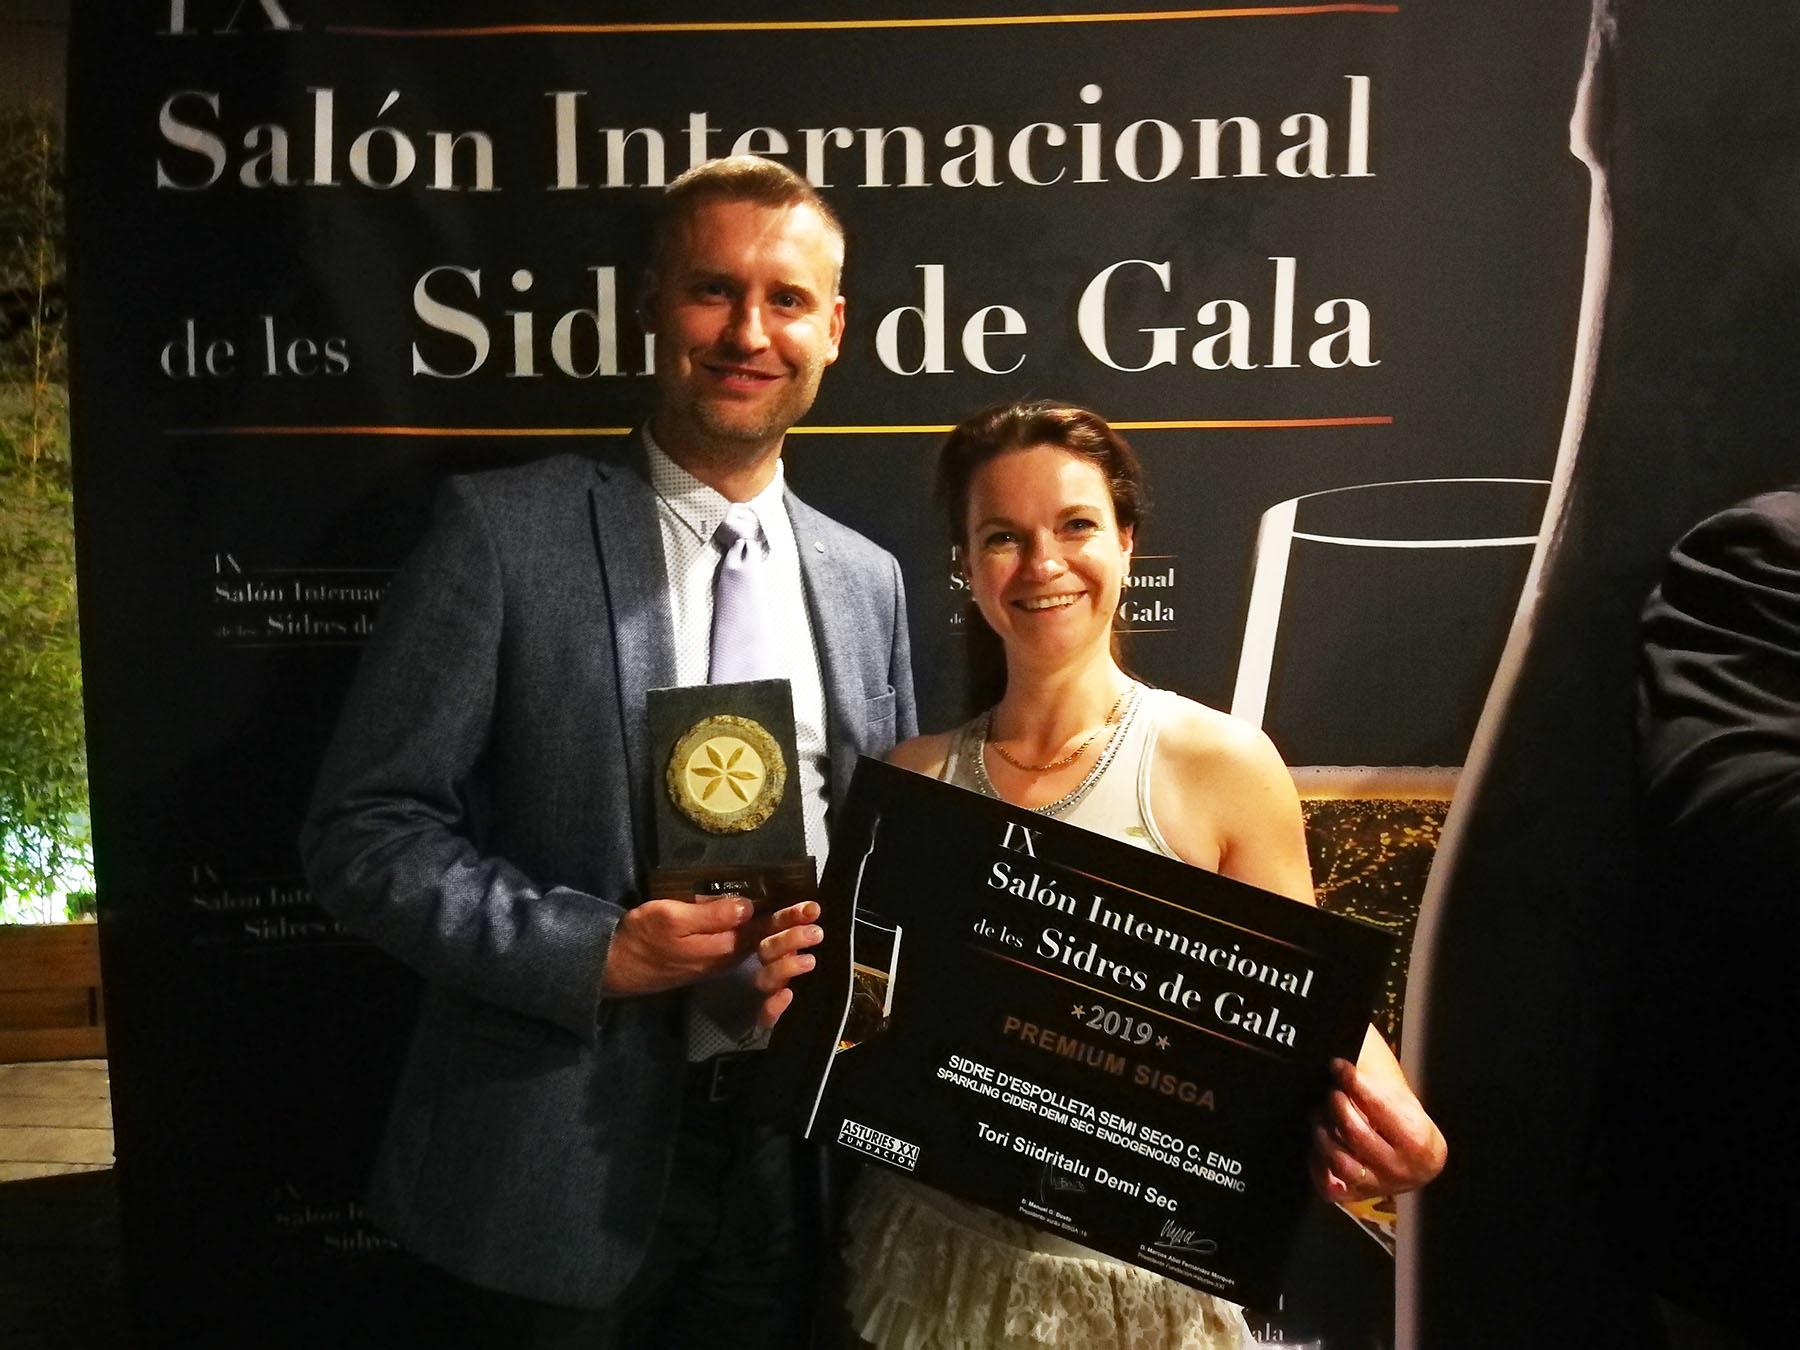 Tori Siidritalu šampanjameetodil valminud poolkuiv siider saavutas siidrikonkursil Asturias omas klassis Kuldmedali.